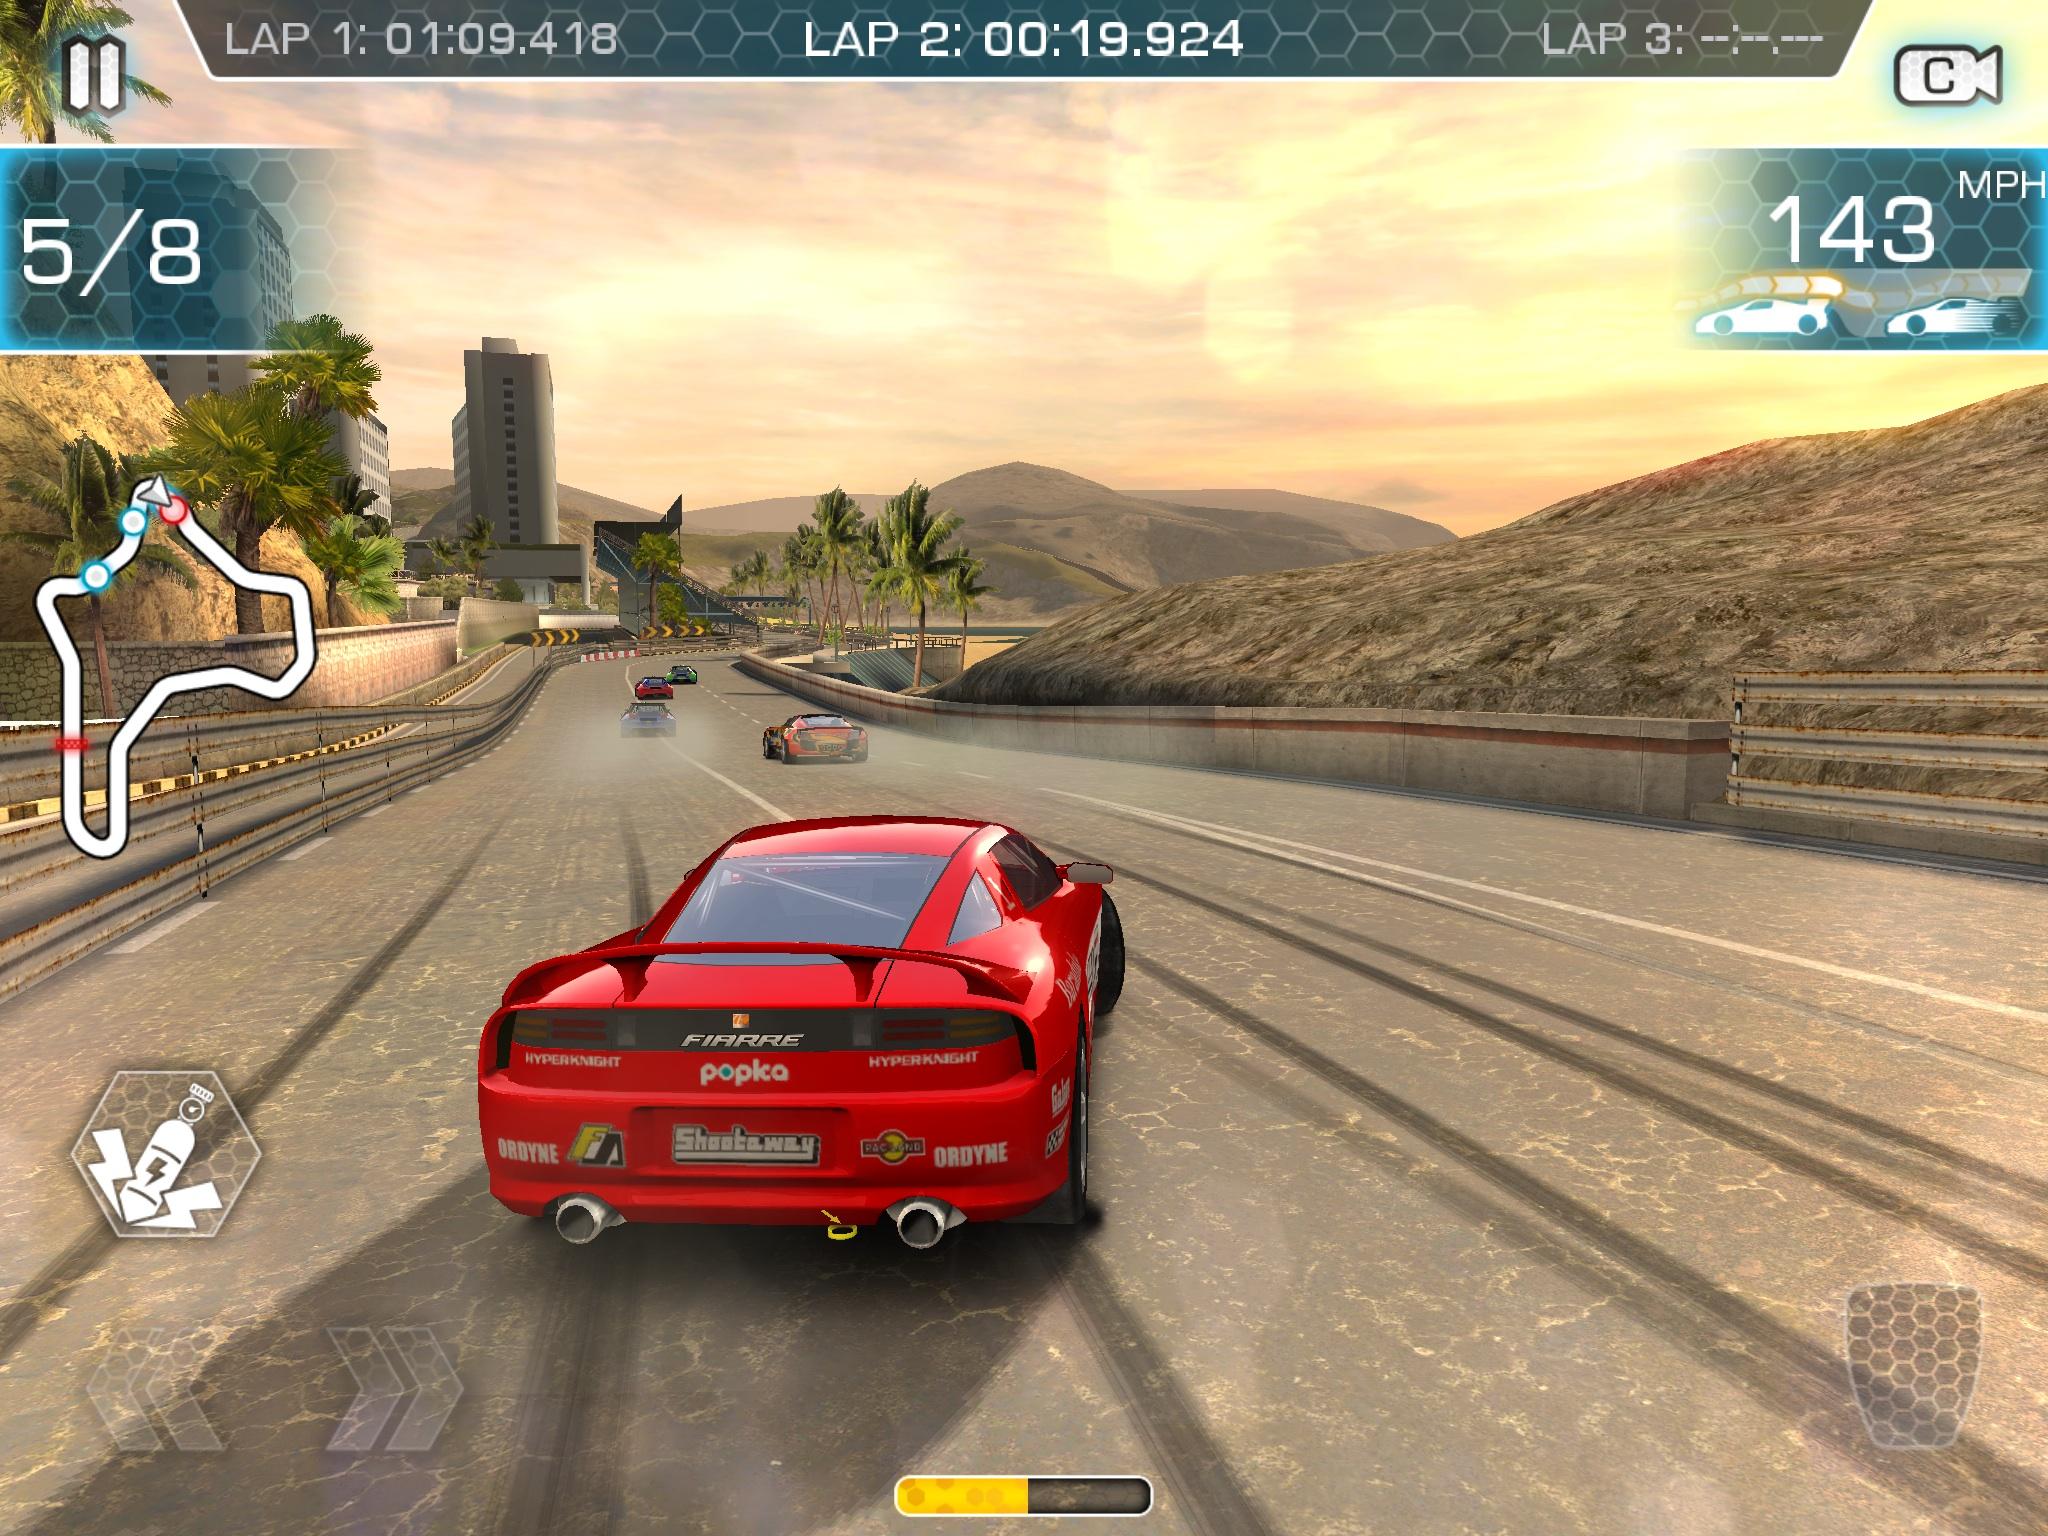 iPad games, apps en handleidingen